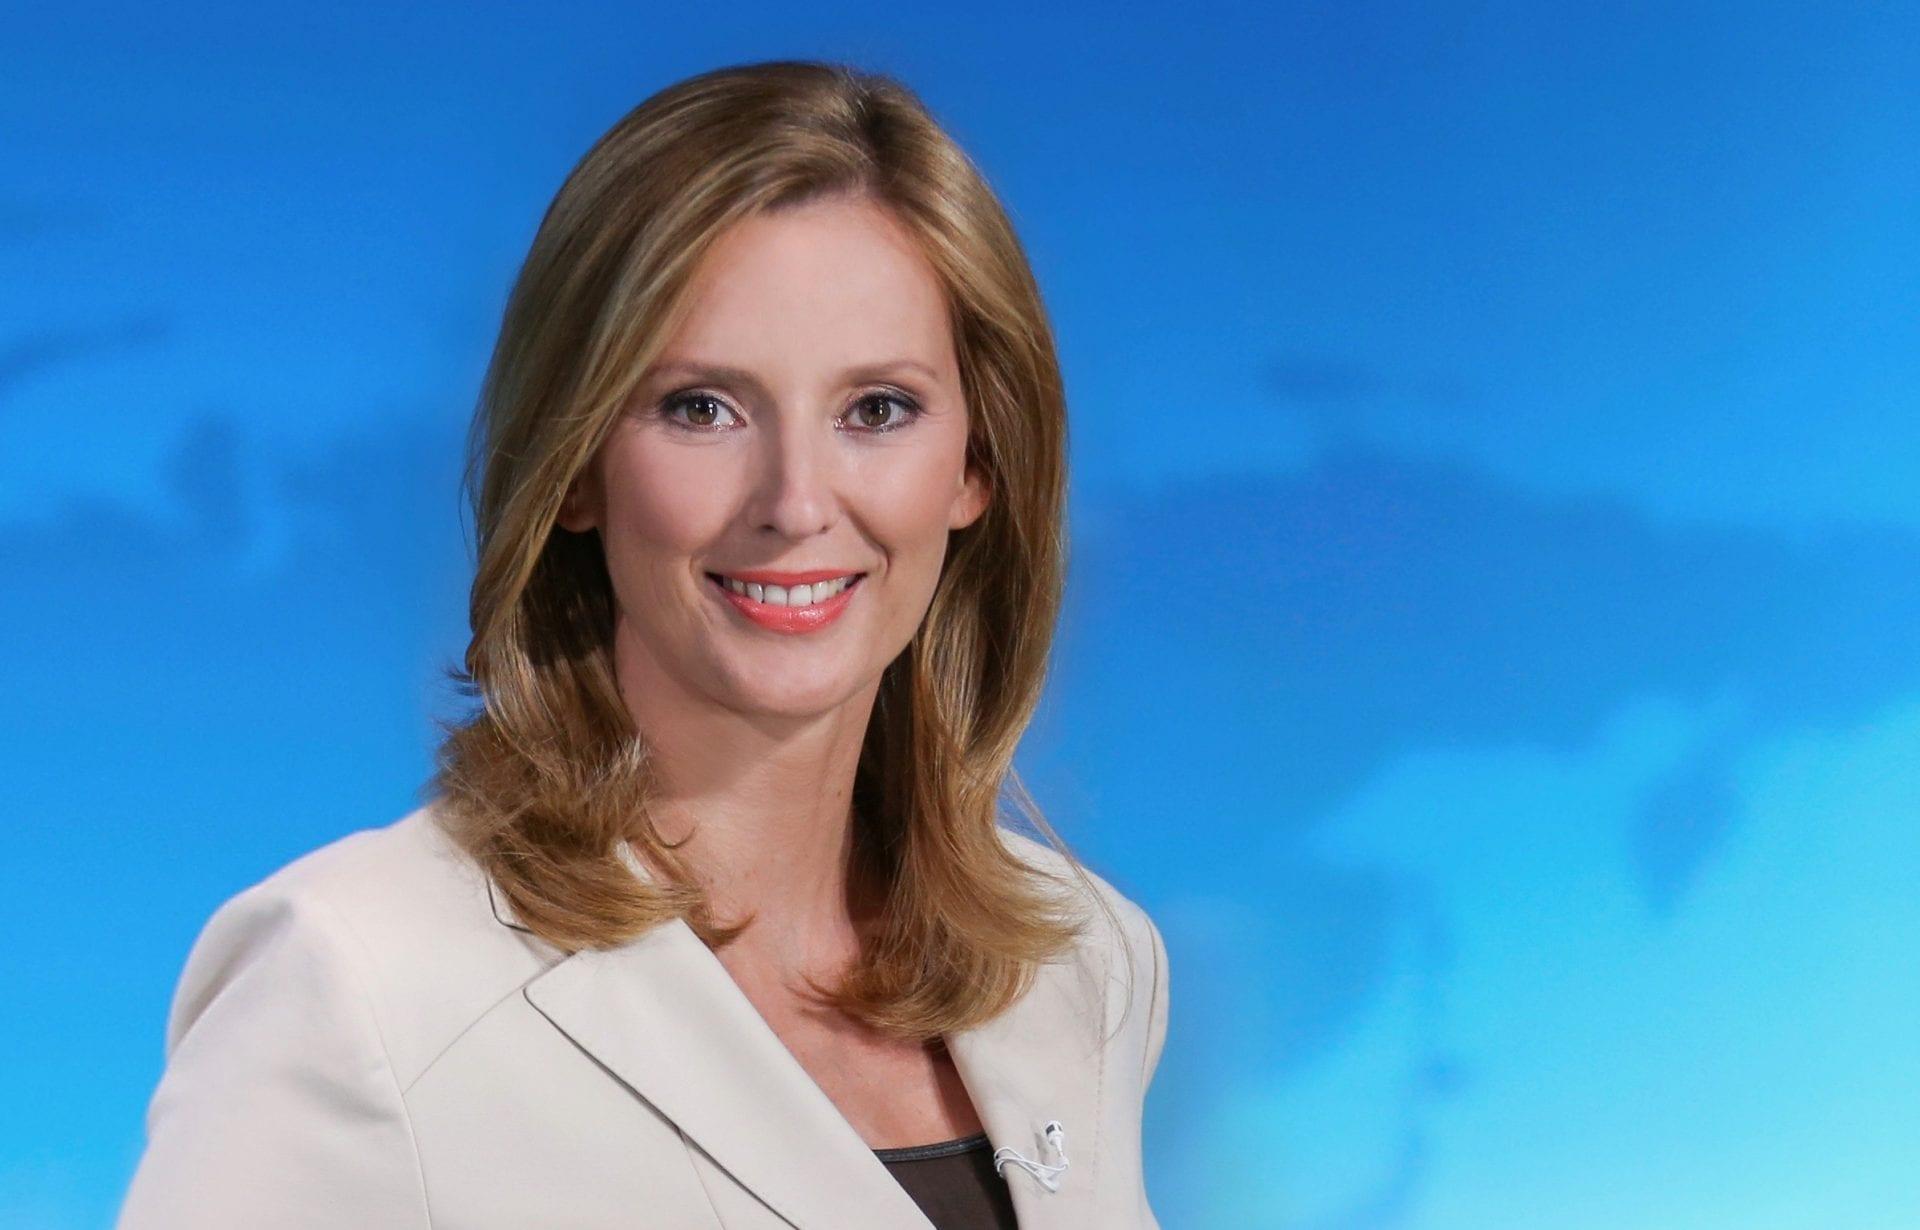 Tagesschau-Moderatorin Kristina zur Mühlen